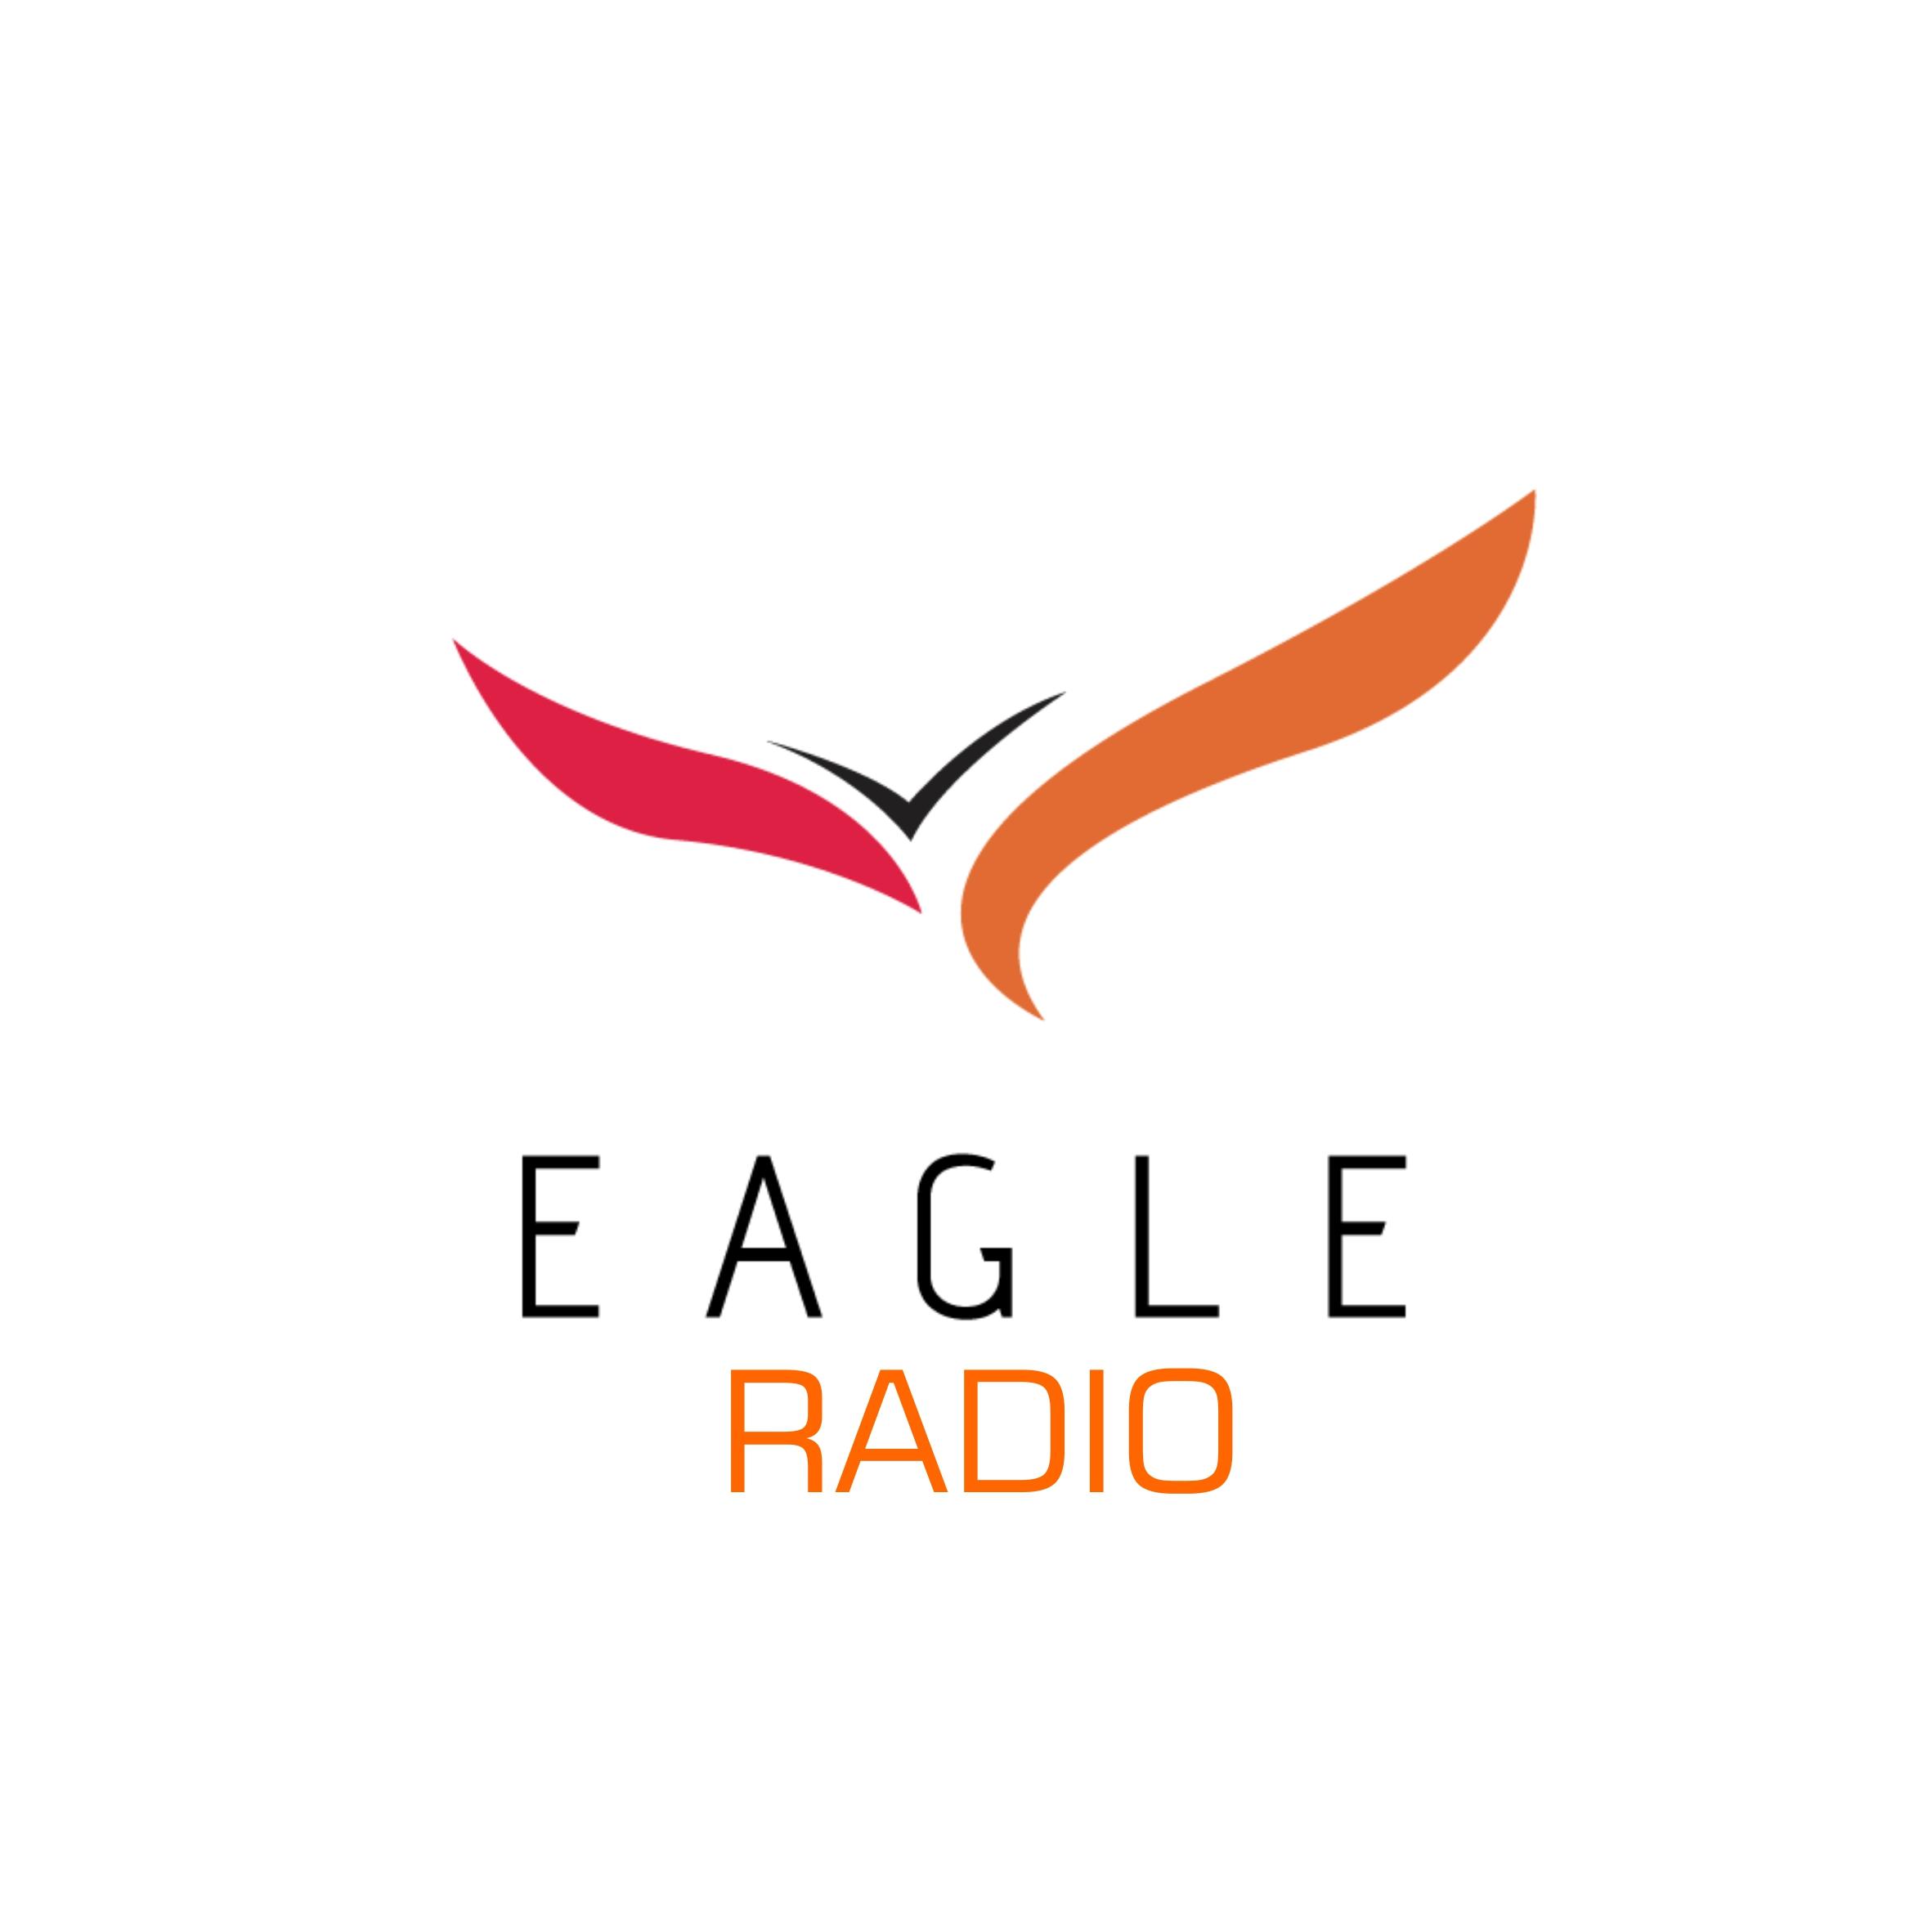 Eagle Radio UK logo